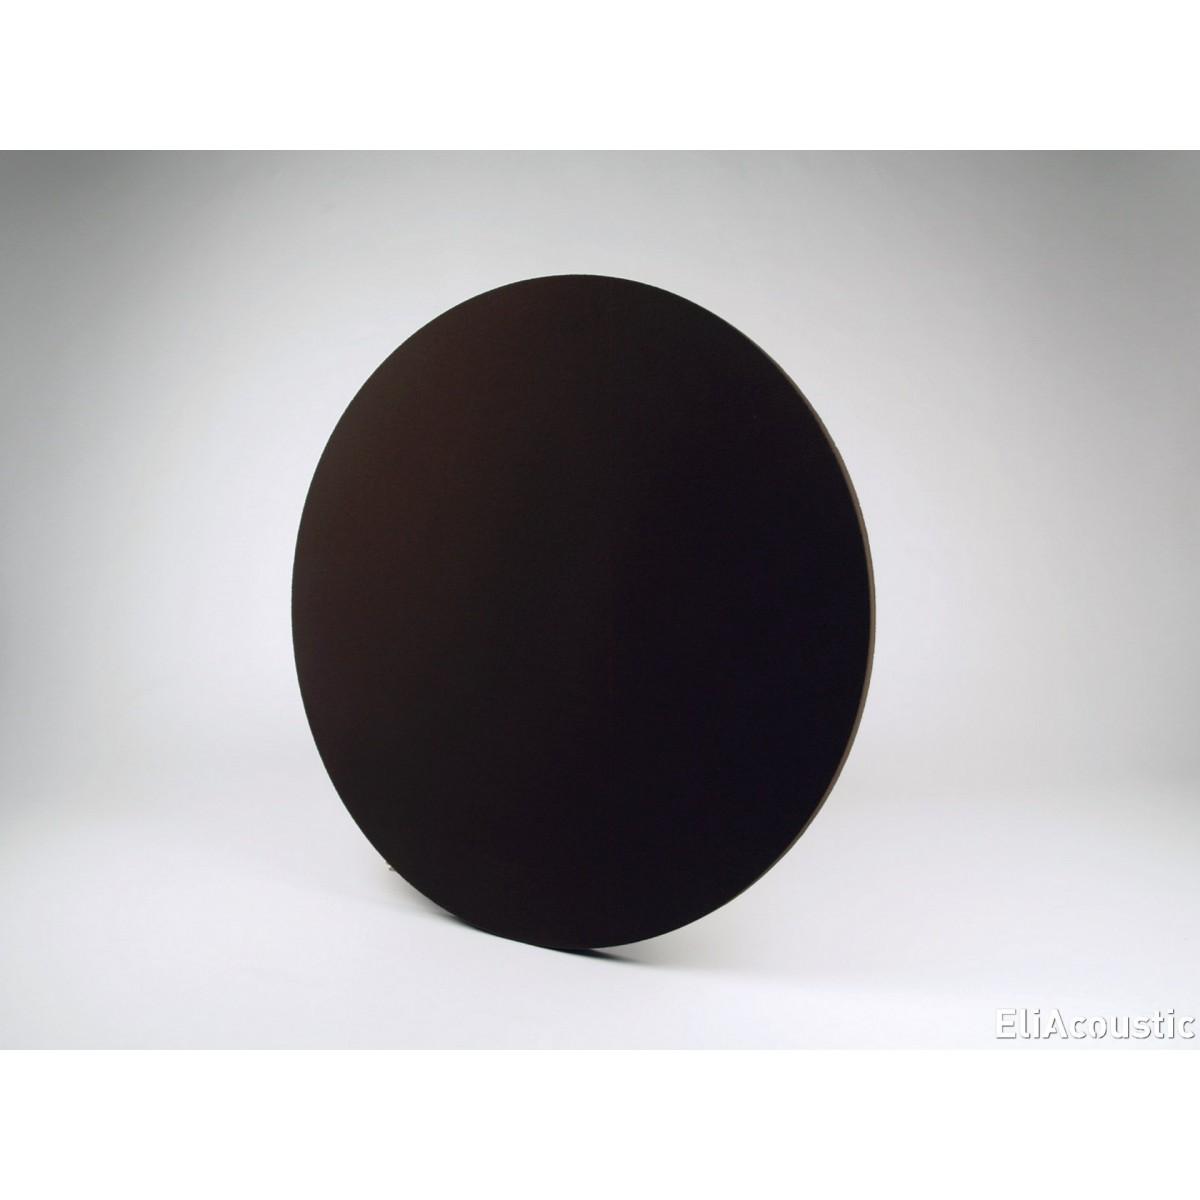 EliAcoustic Circle Slim Premiere Brown (Ref 715). Panel acustico con forma de circulo